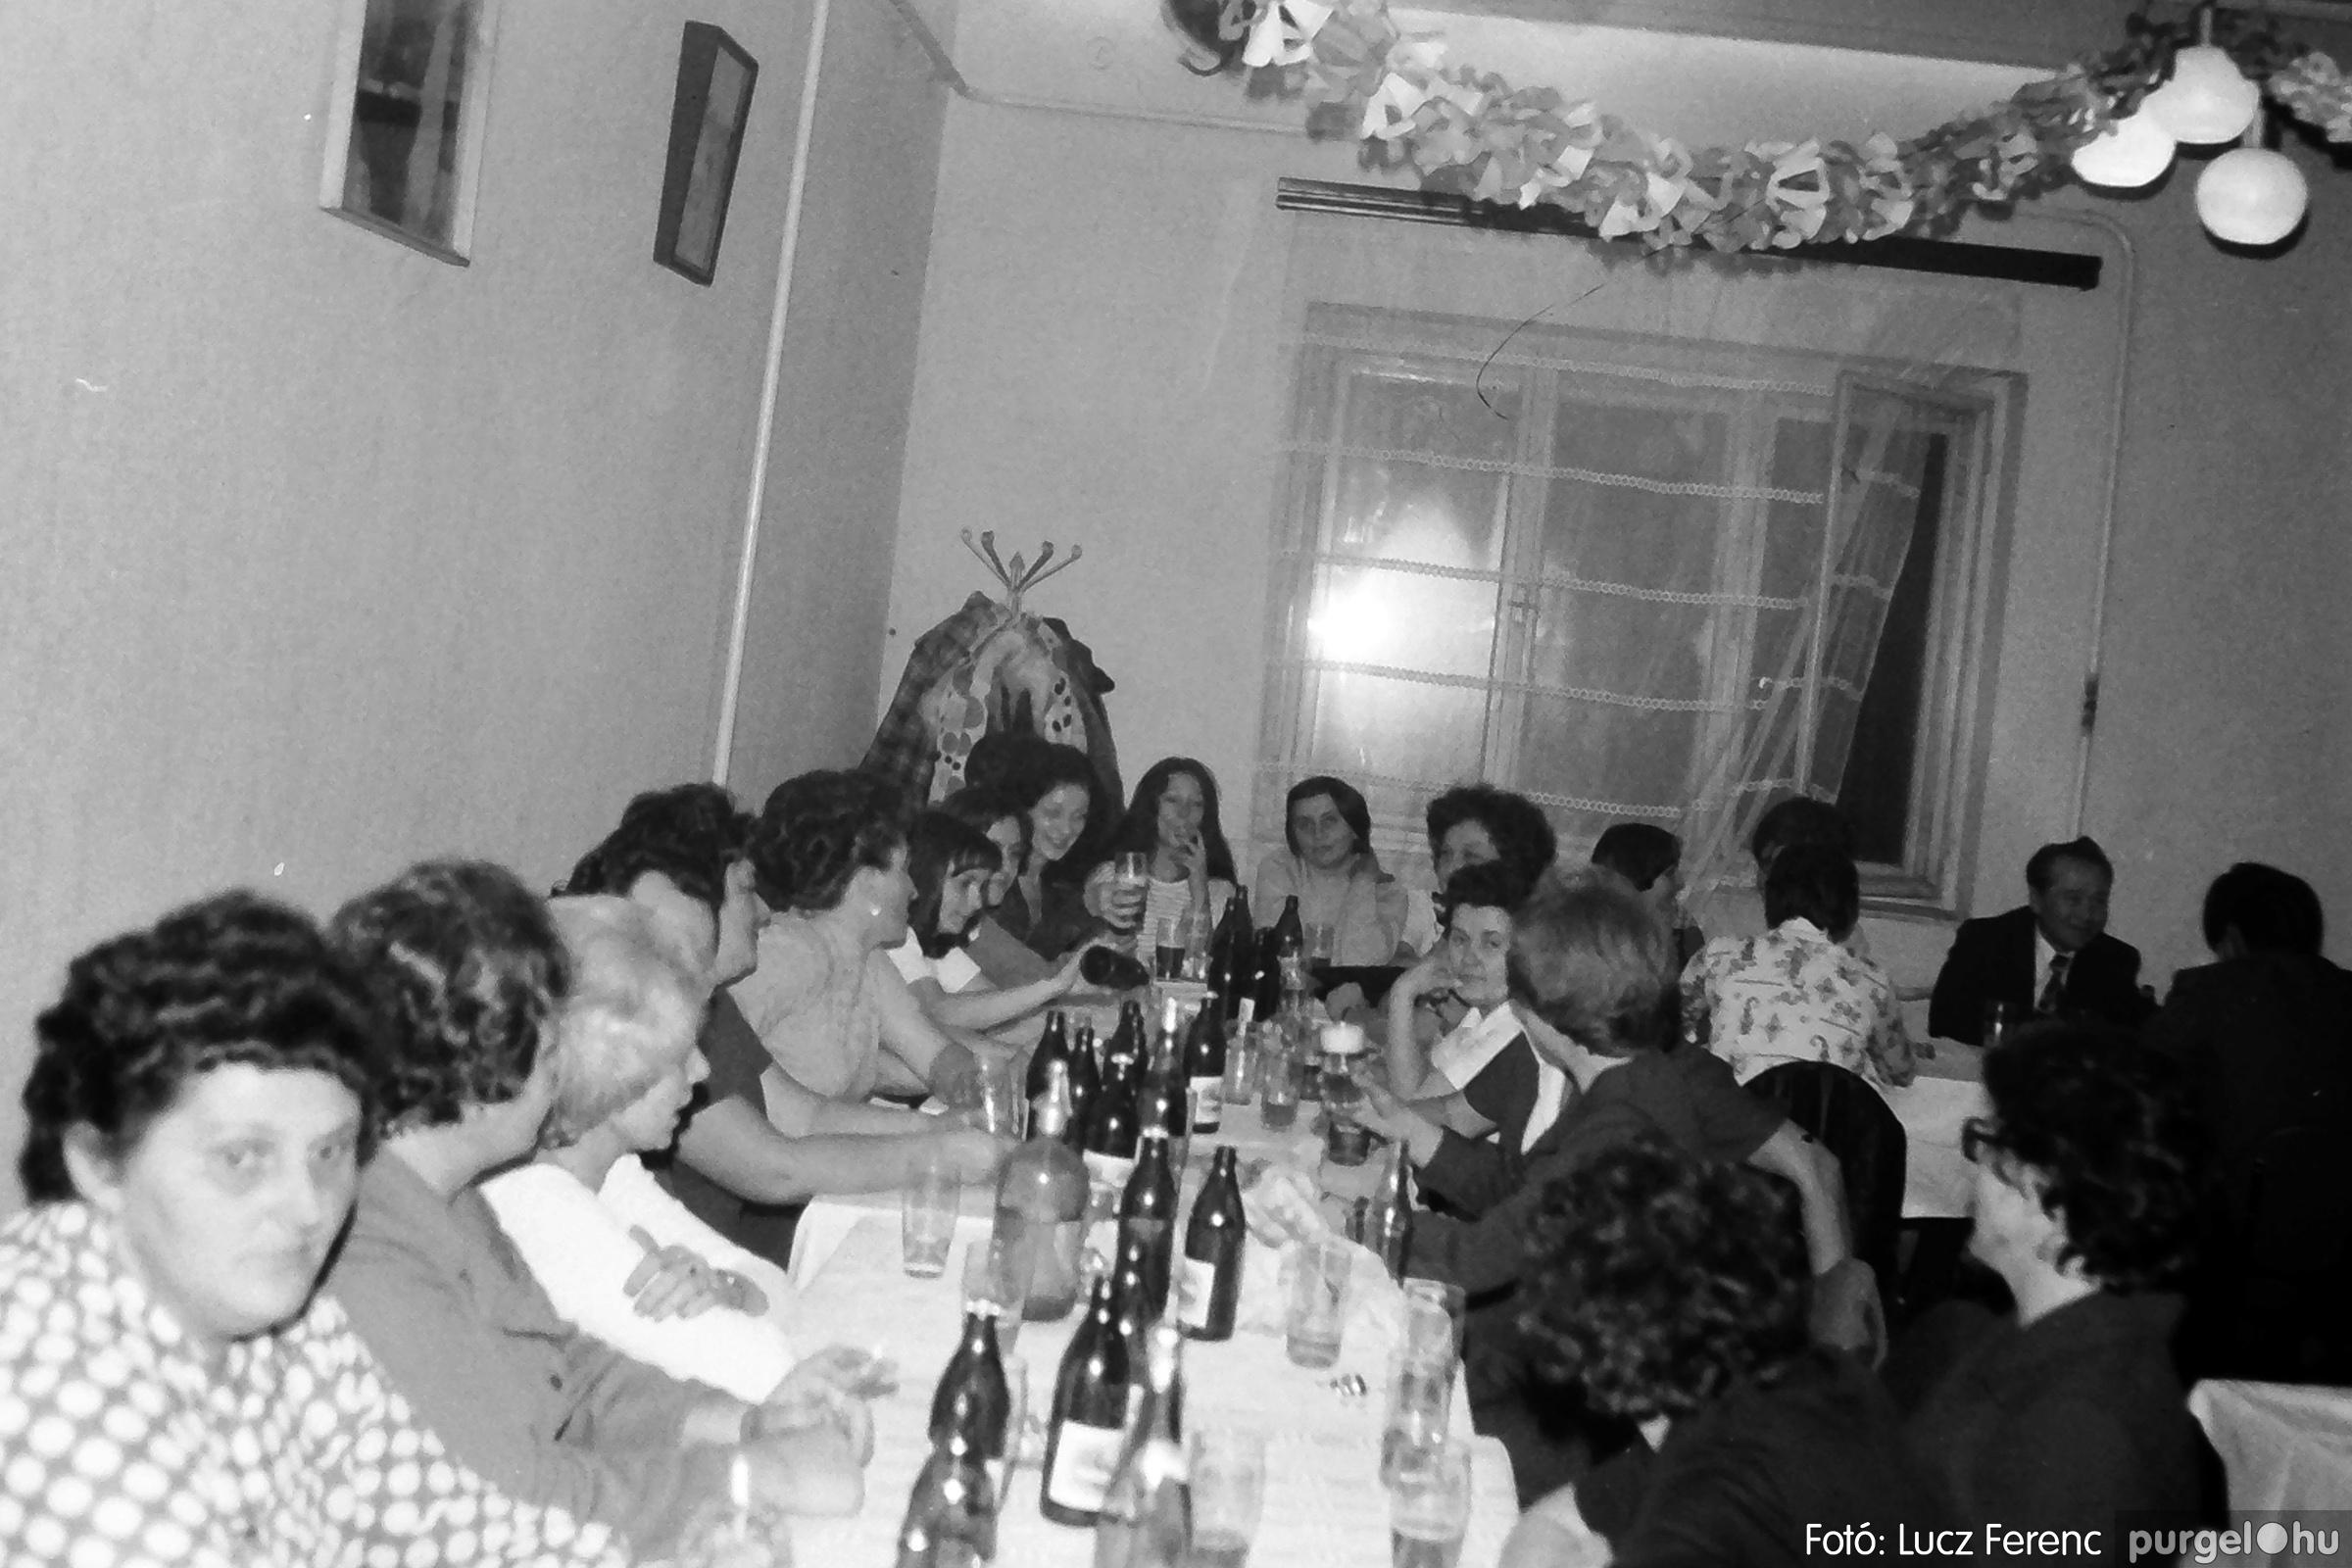 064-065. 1976. KTSZ-es dínomdánom a vendéglőben 018. - Fotó: Lucz Ferenc.jpg